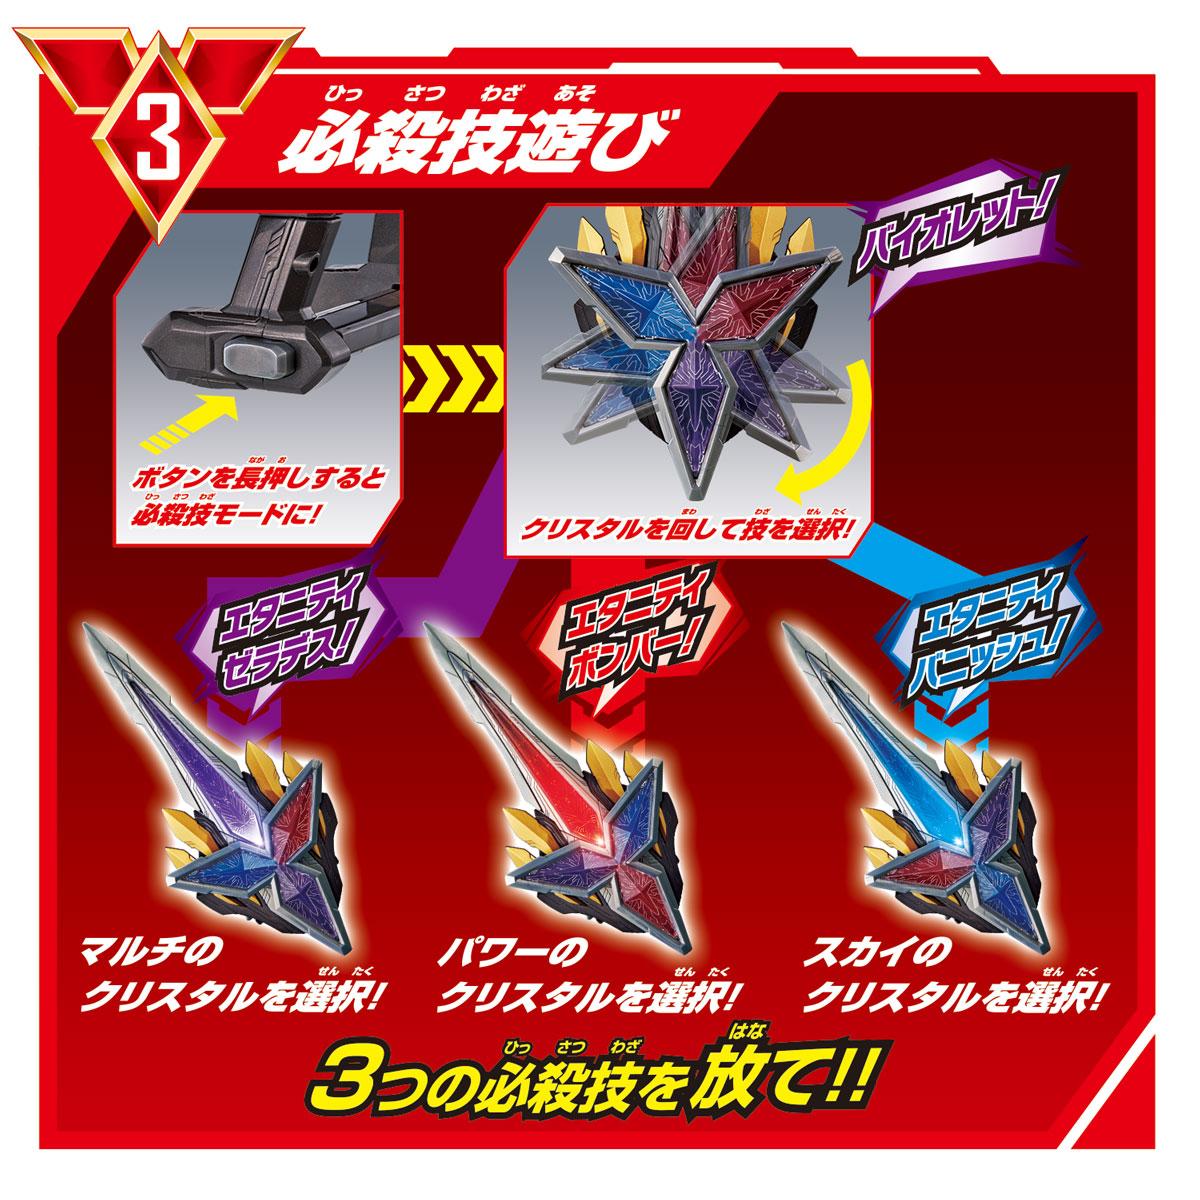 ウルトラマントリガー『DXグリッターブレード』変身なりきり-004